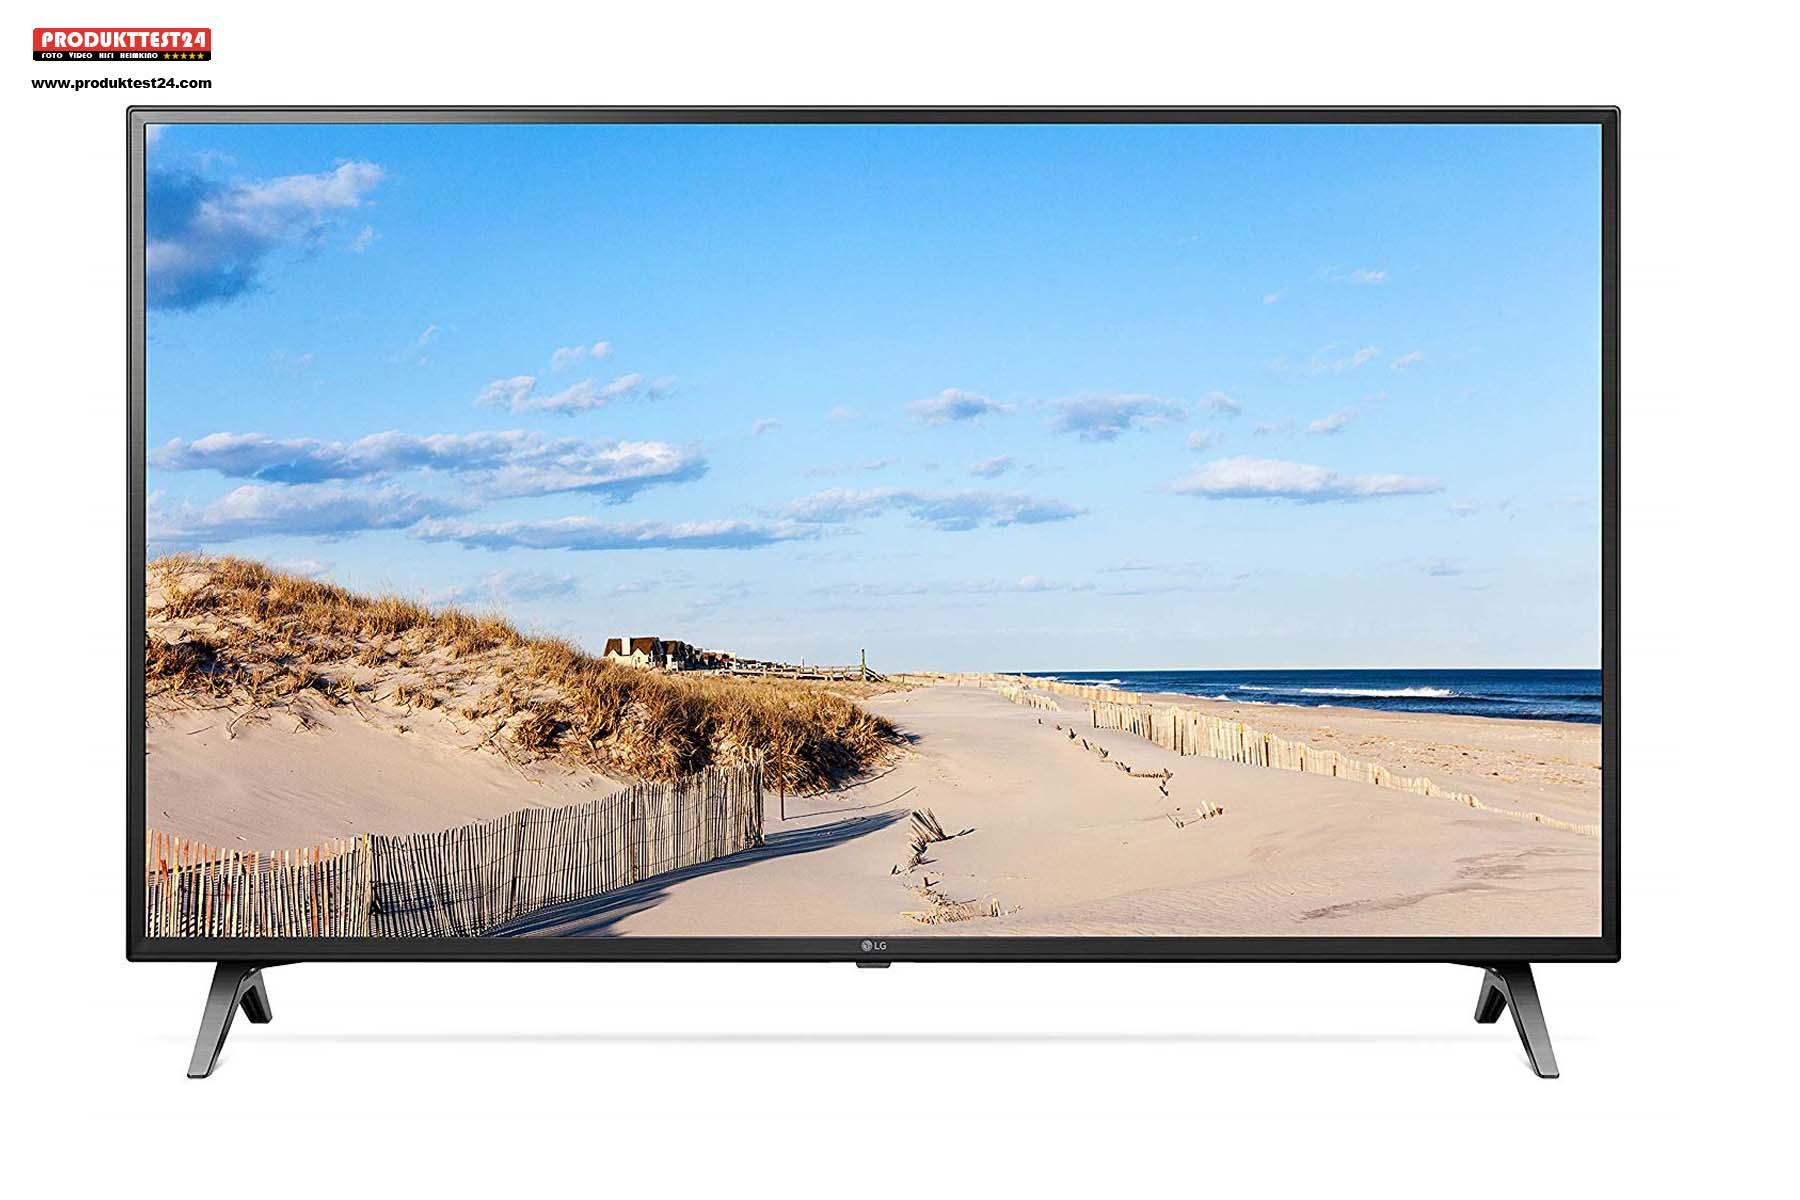 LG 55UM7000 UHD 4K-Fernseher